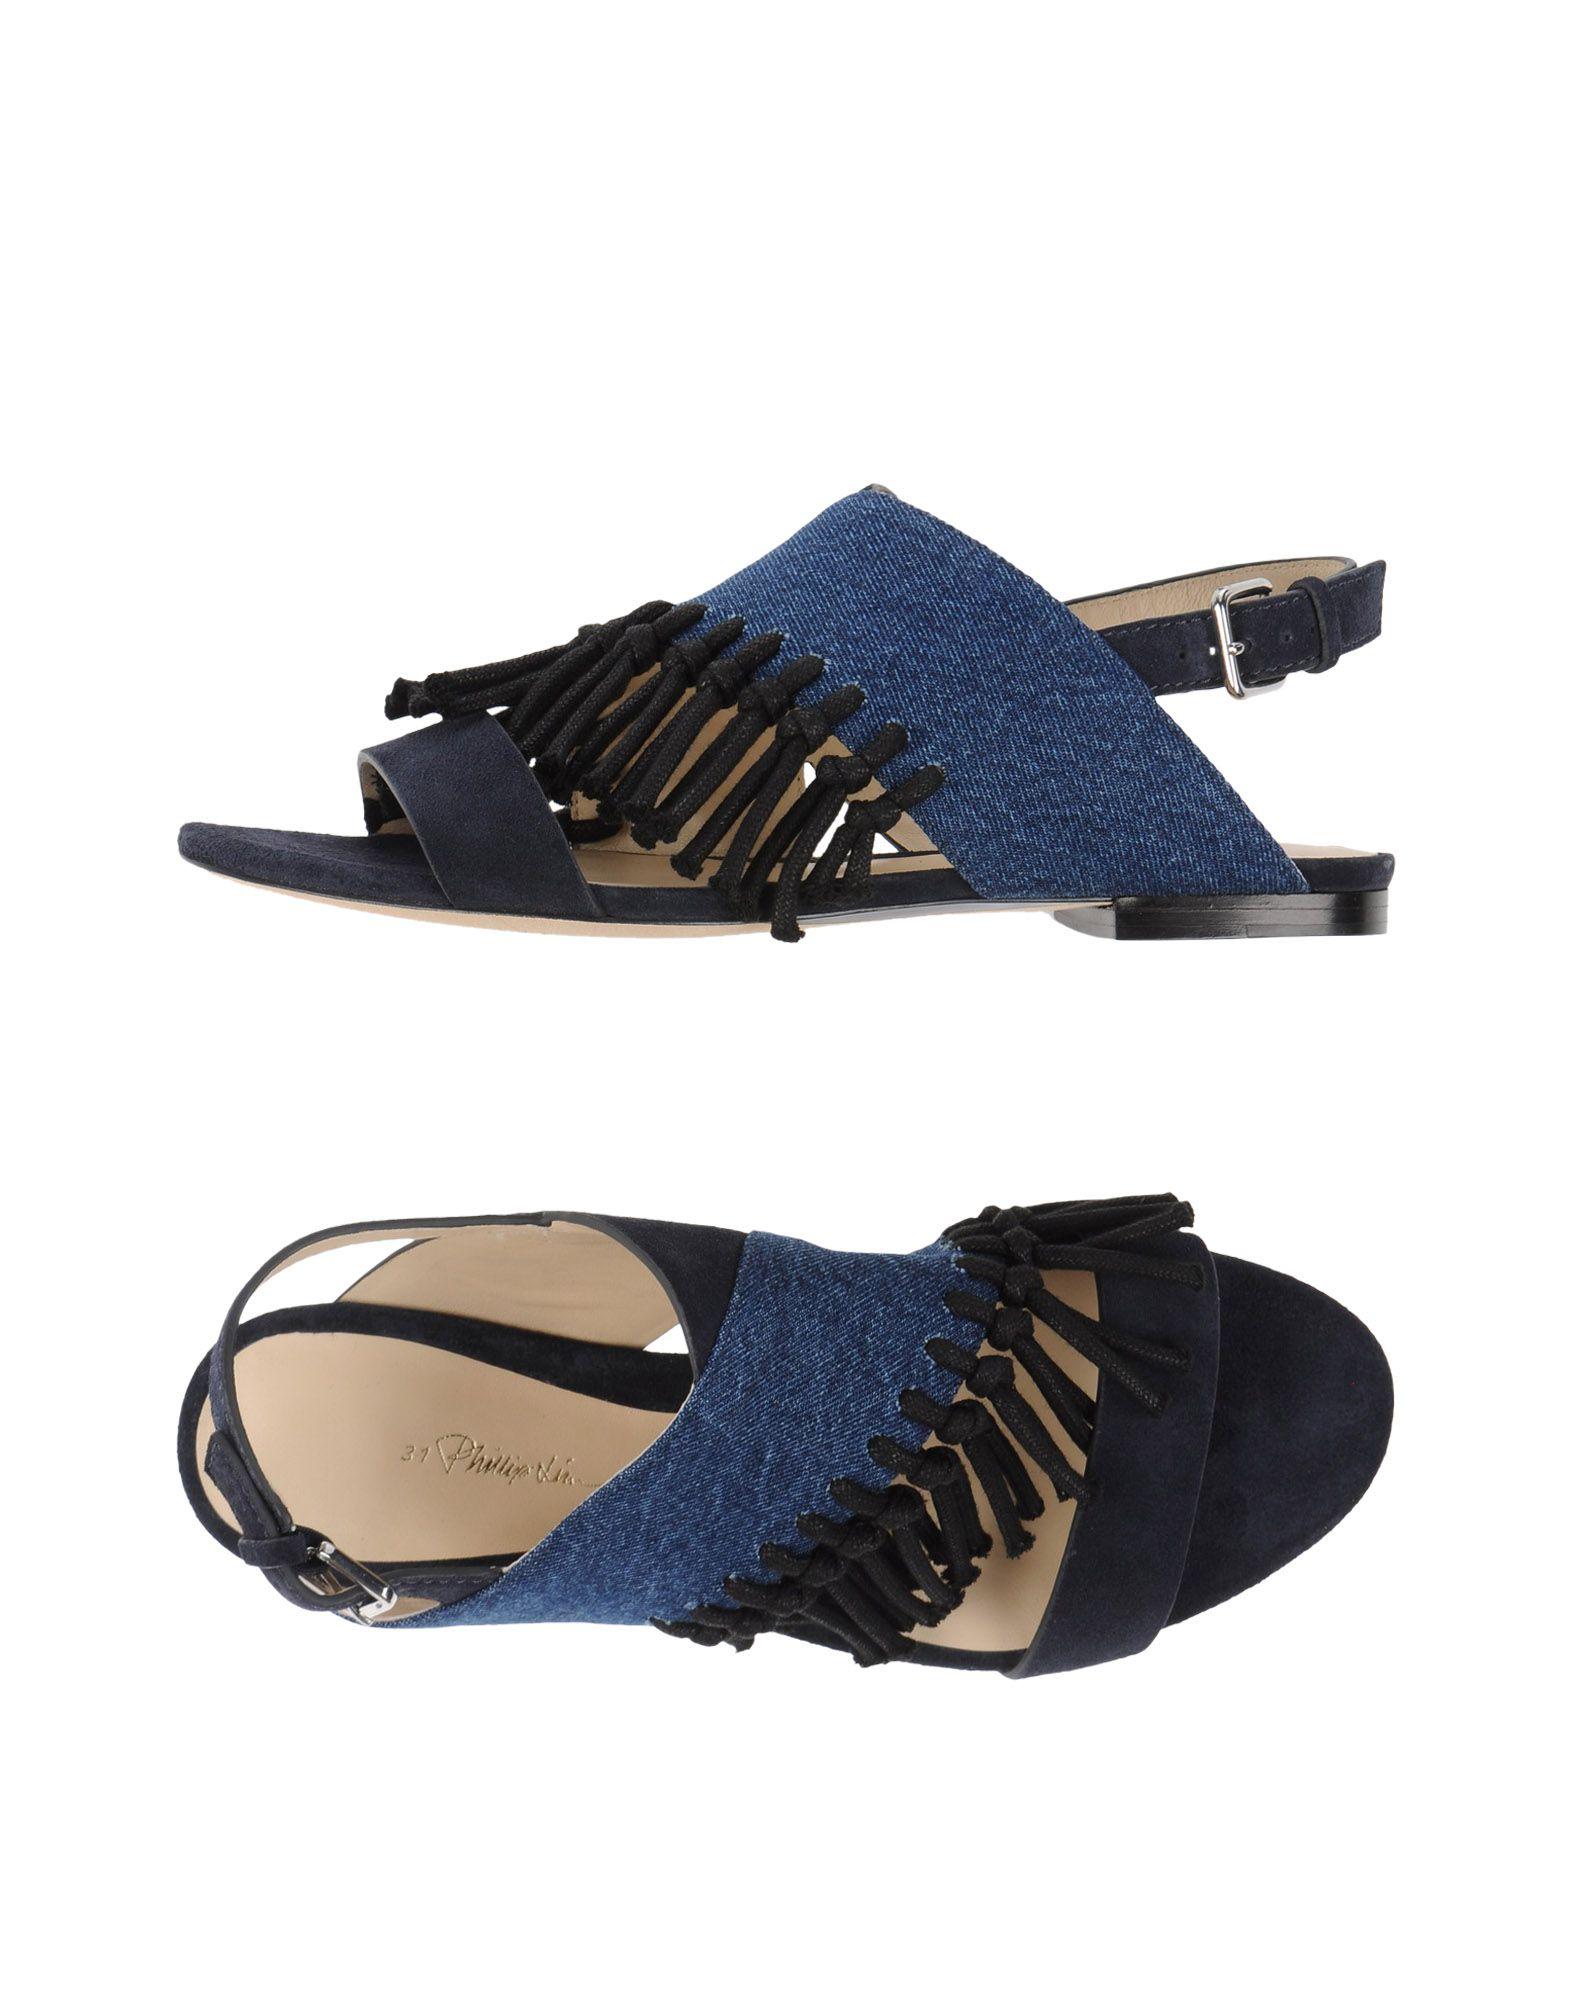 3.1 Phillip Lim Schuhe Sandalen Damen  11199439RW Neue Schuhe Lim 79d324